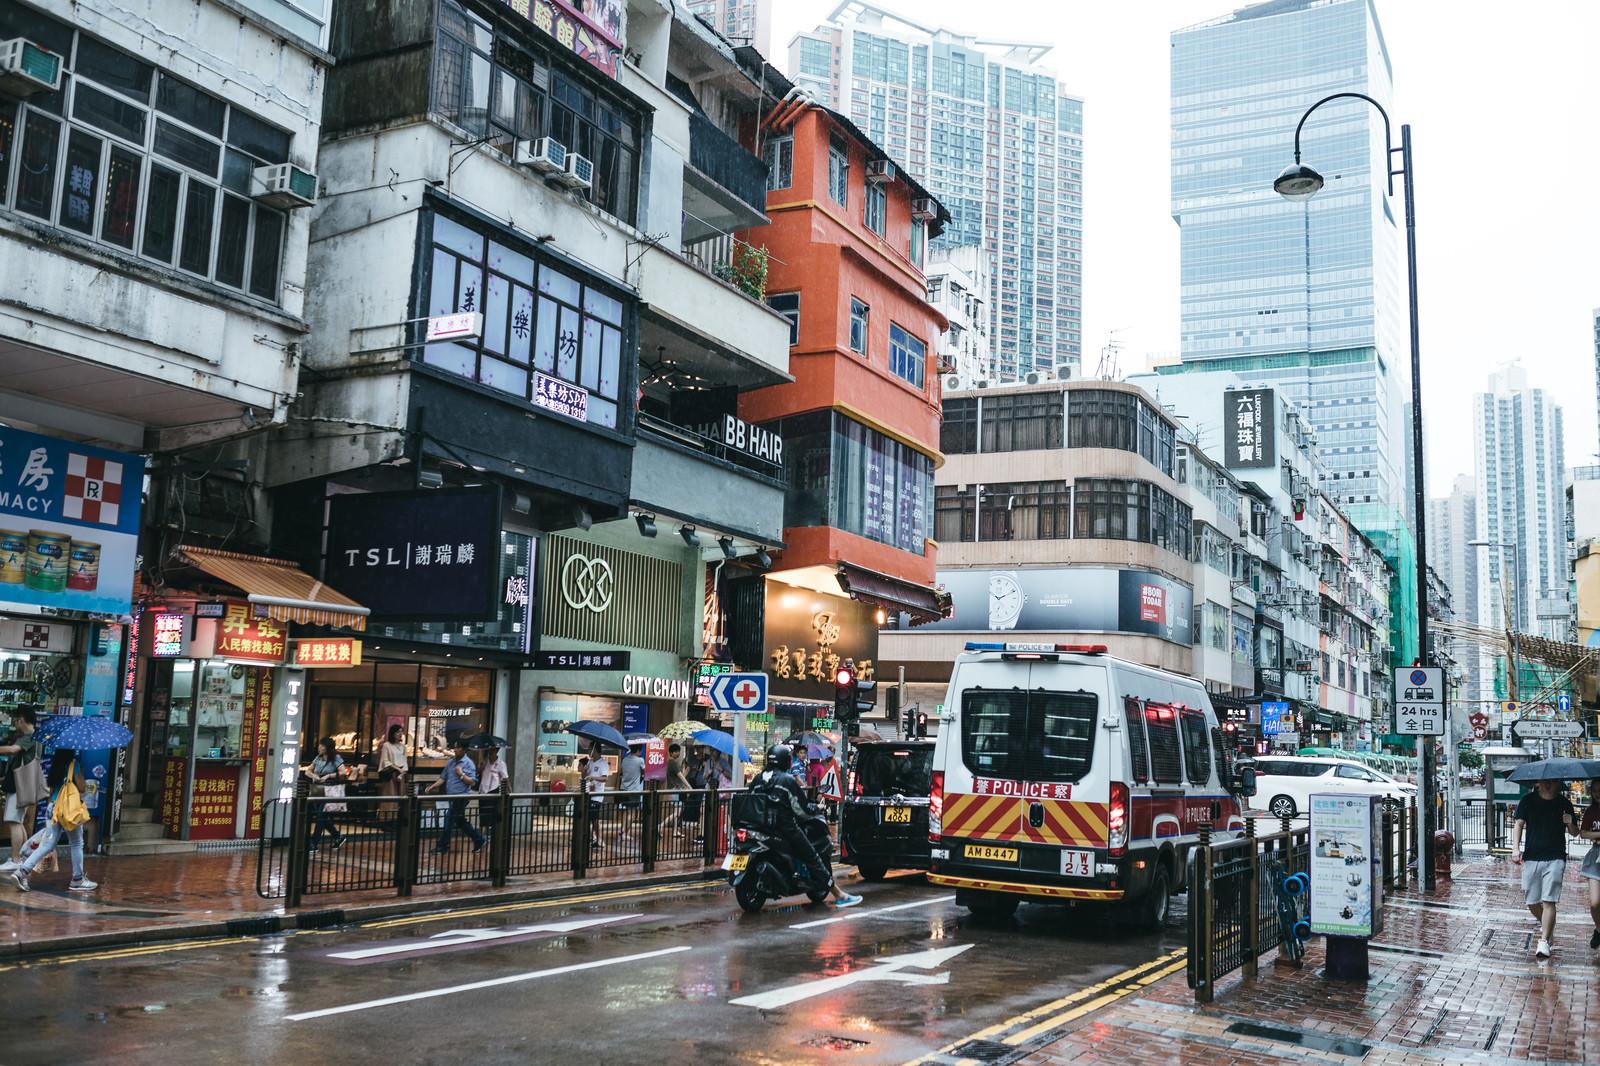 「香港の市街地と警察車両」の写真